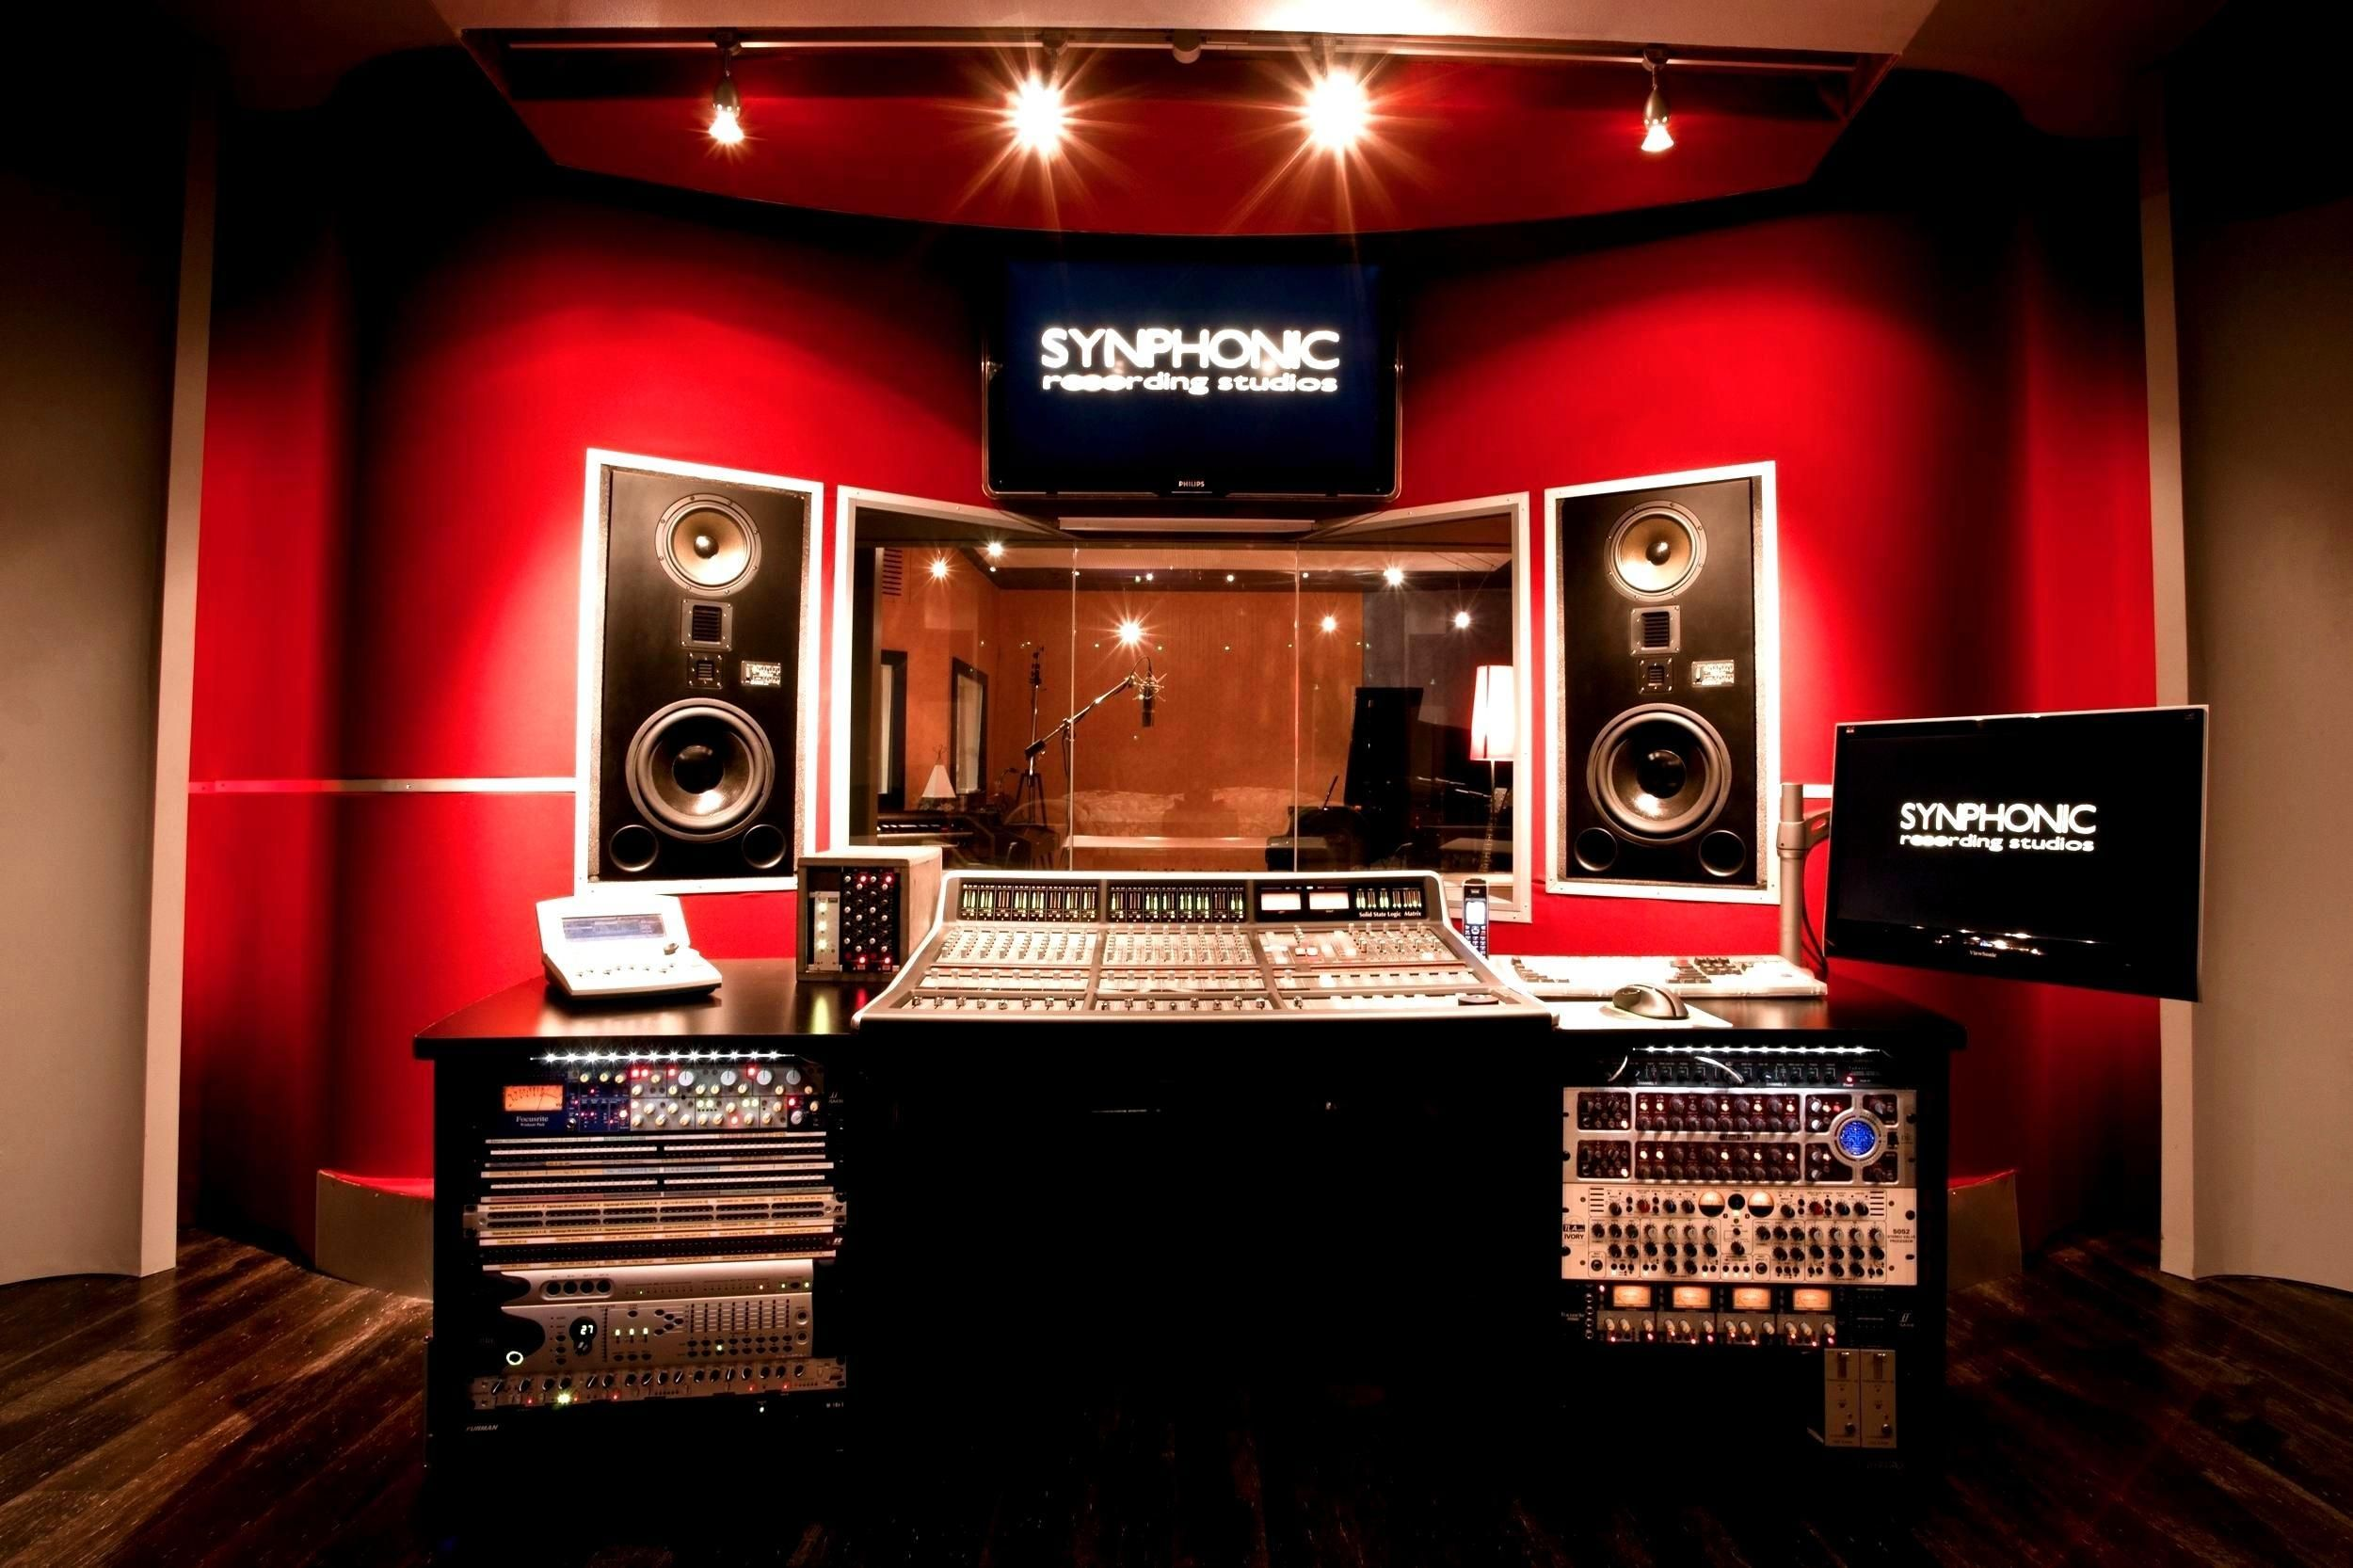 Elegant Picture Of Home Studio Design Ideas Home Studio Design Ideas Charming Home Recording St Recording Studio Design Home Studio Design Music Studio Design